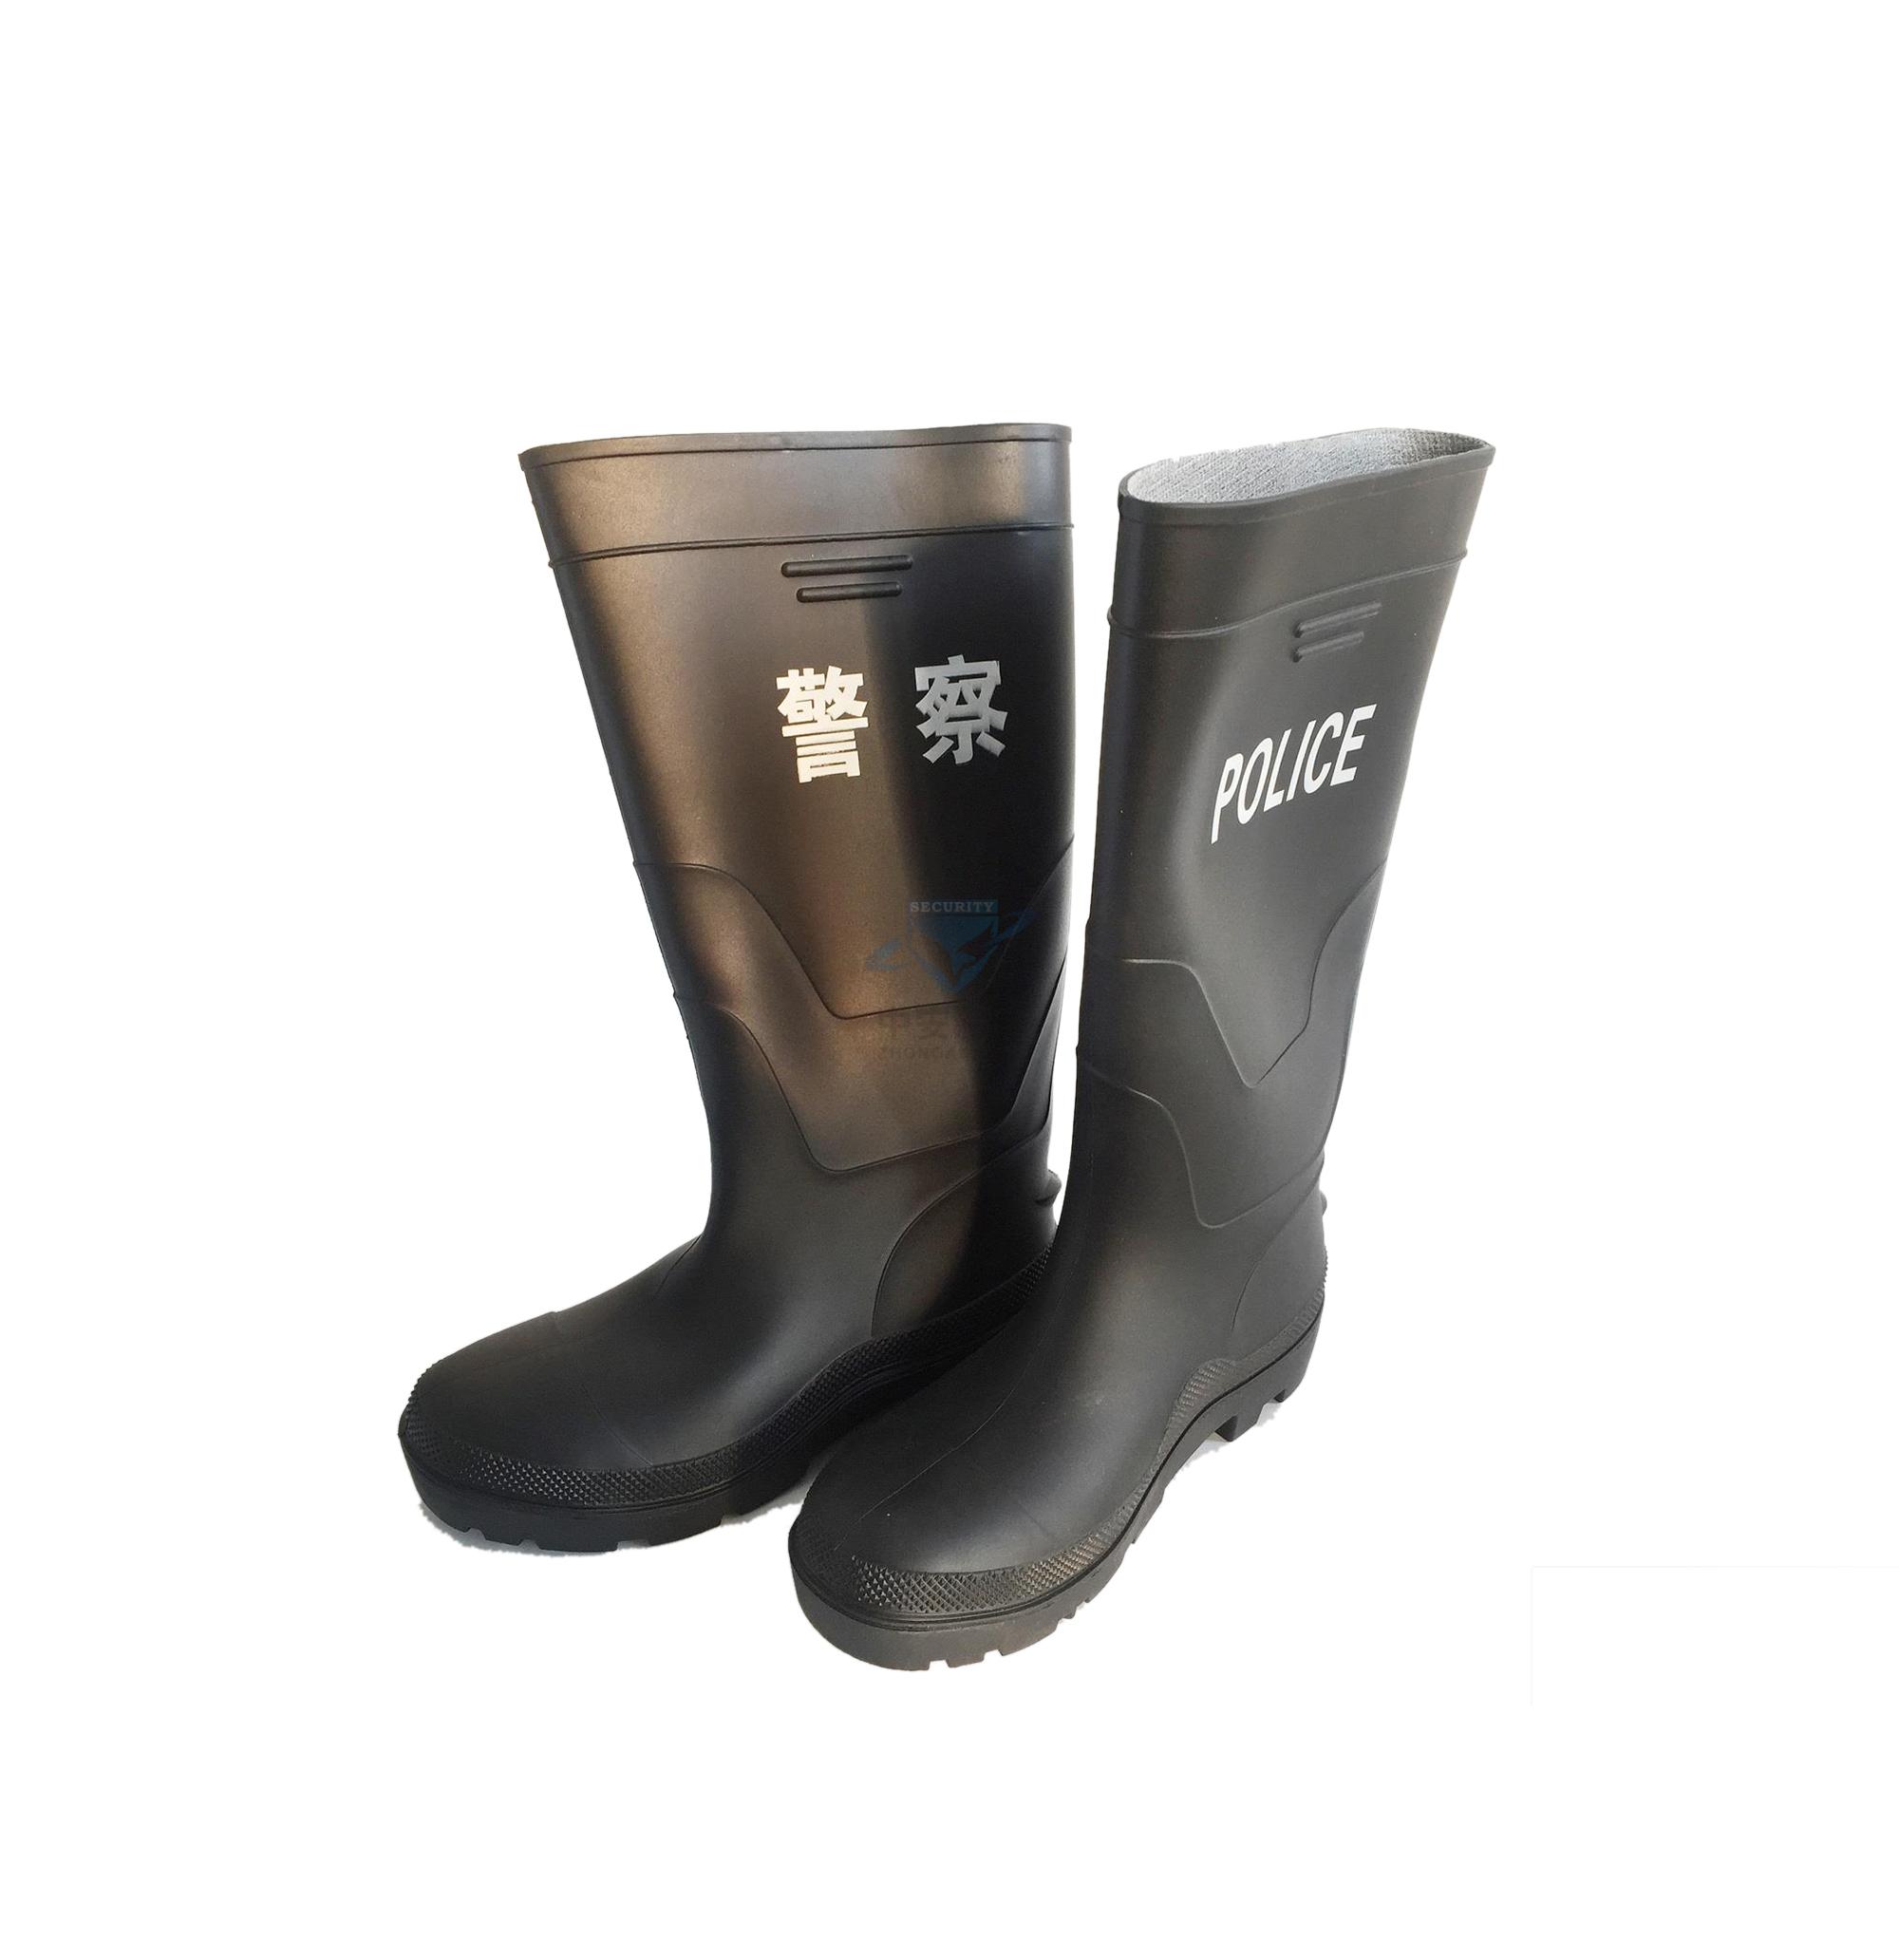 JXY-FC-ZX防刺雨靴